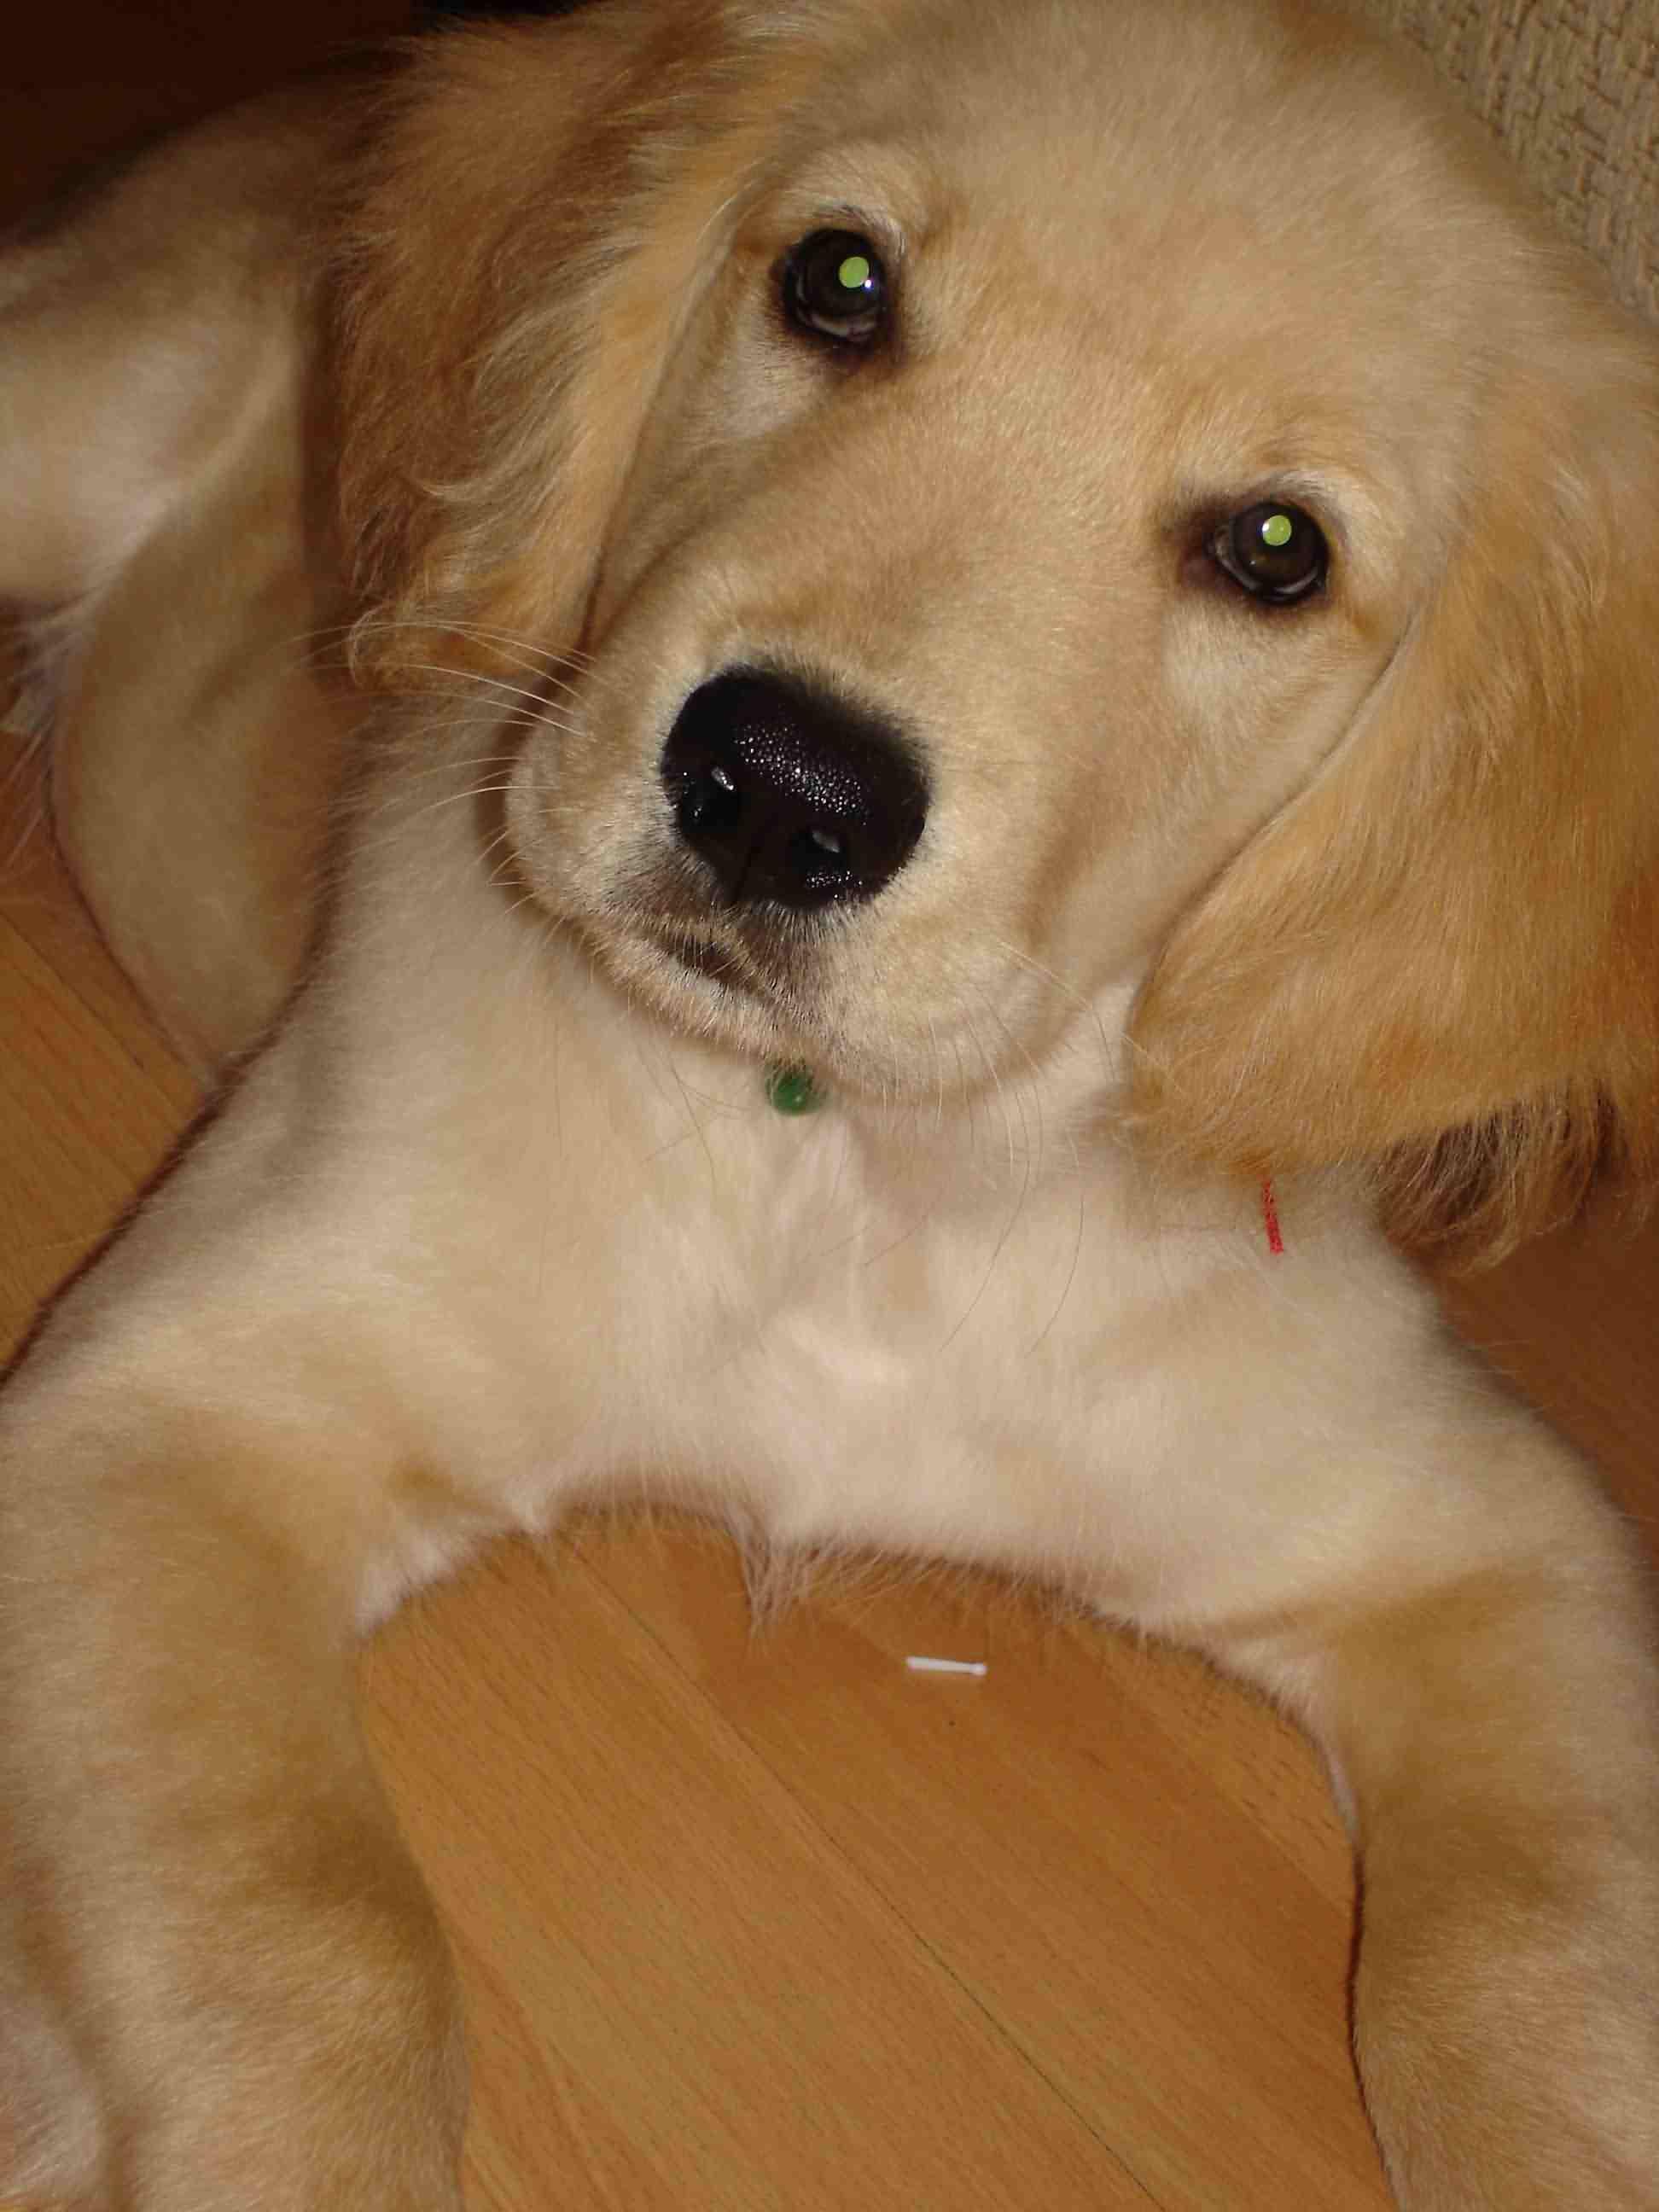 谁有金毛犬qq头像,就是人物和金毛犬的自拍头像之类.